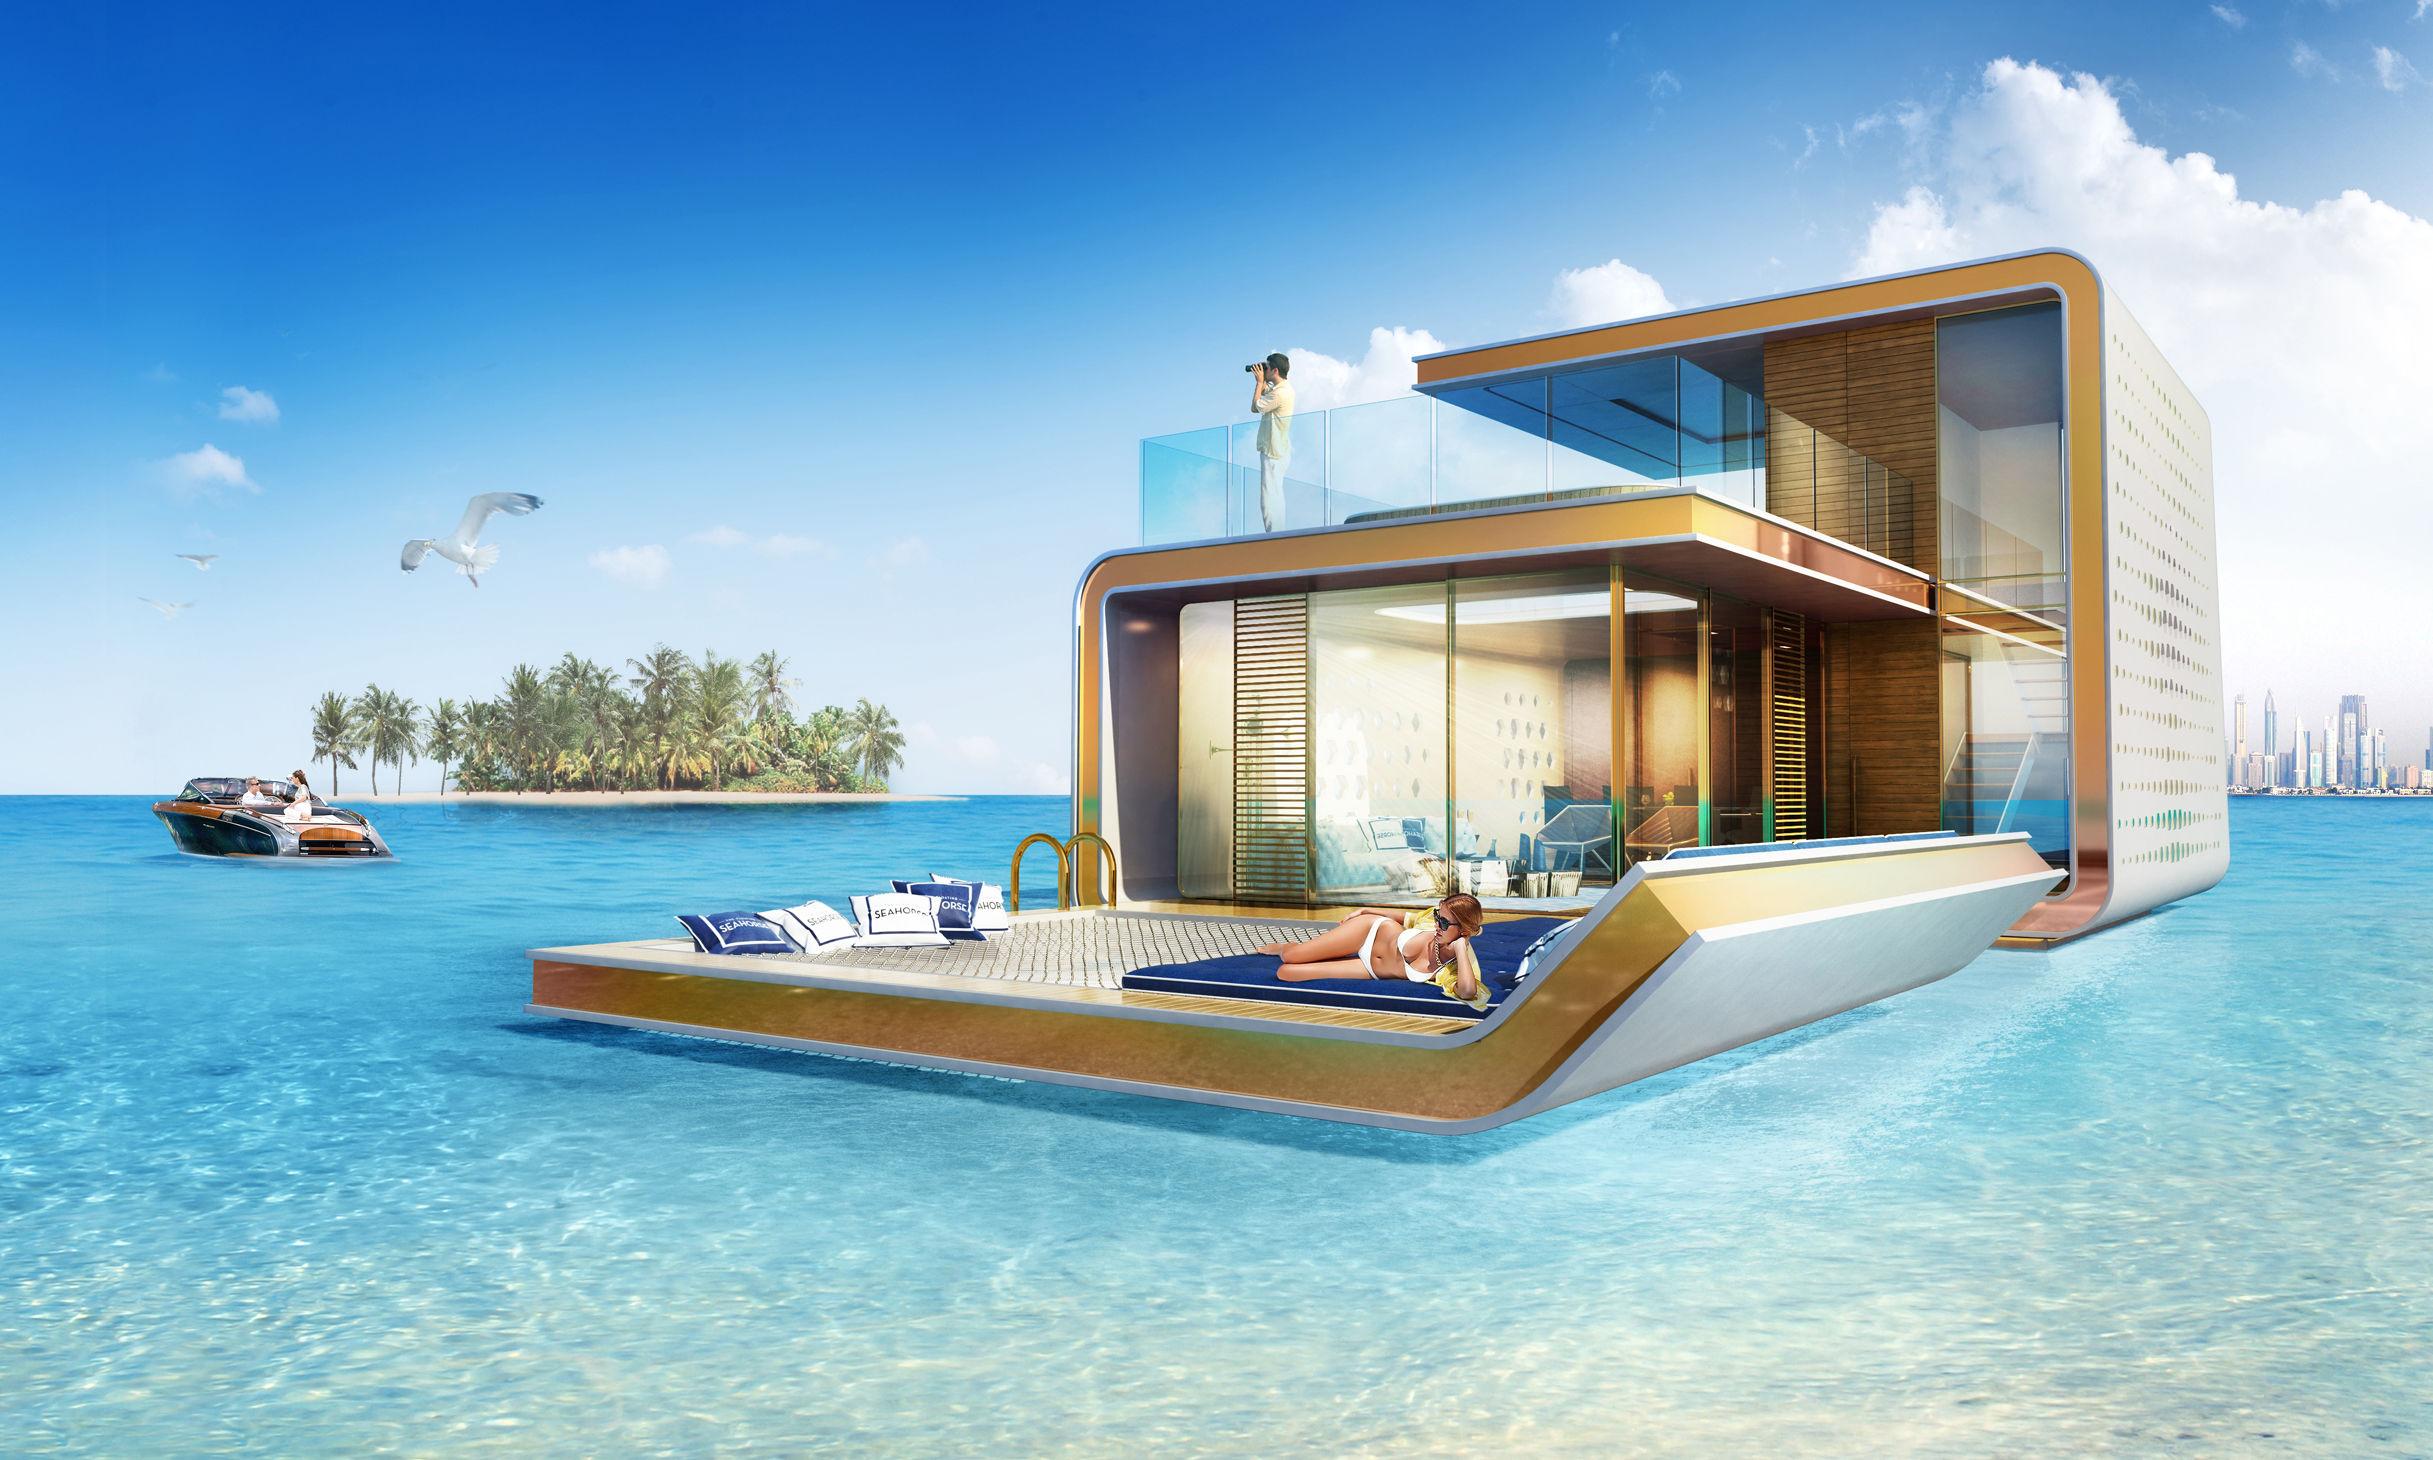 世界一高いビルの次は「海に浮かぶ家」!?ドバイの建築が想像の斜め上を行っていた